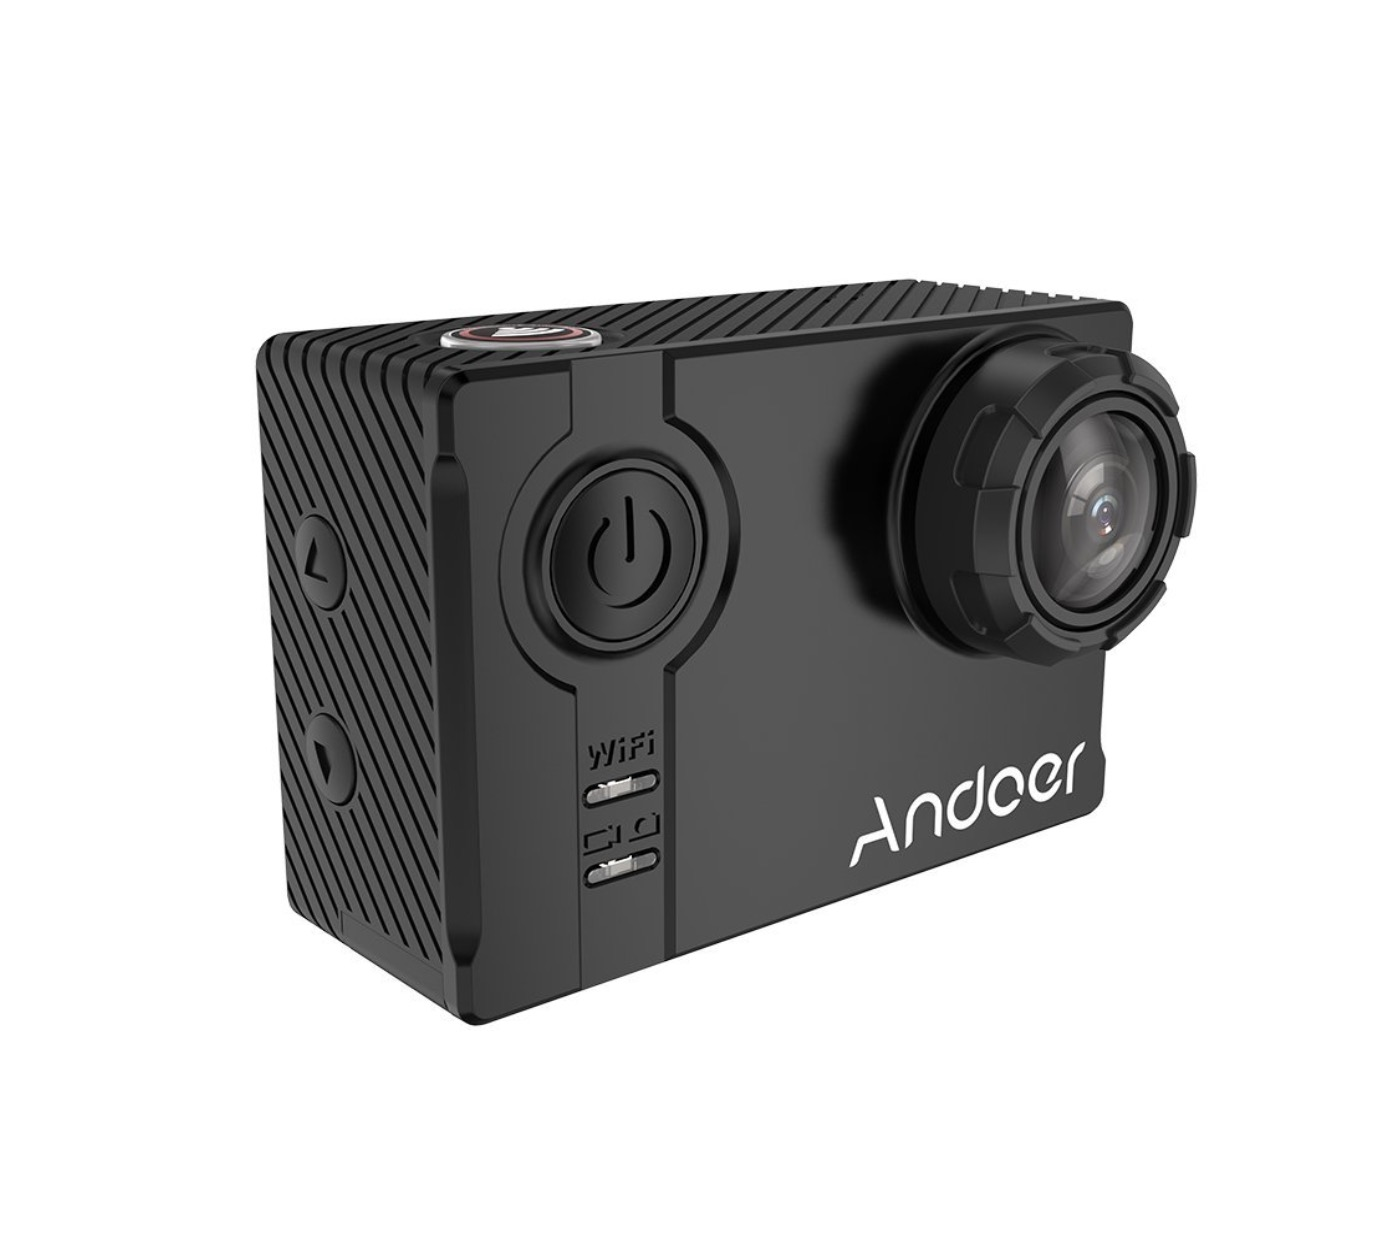 34c0a1062a4565 Volete comprare un'action camera con WiFi che garantisca riprese 4K e sia  accompagnata da un utile kit di accessori per agganciarla praticamente  ovunque?